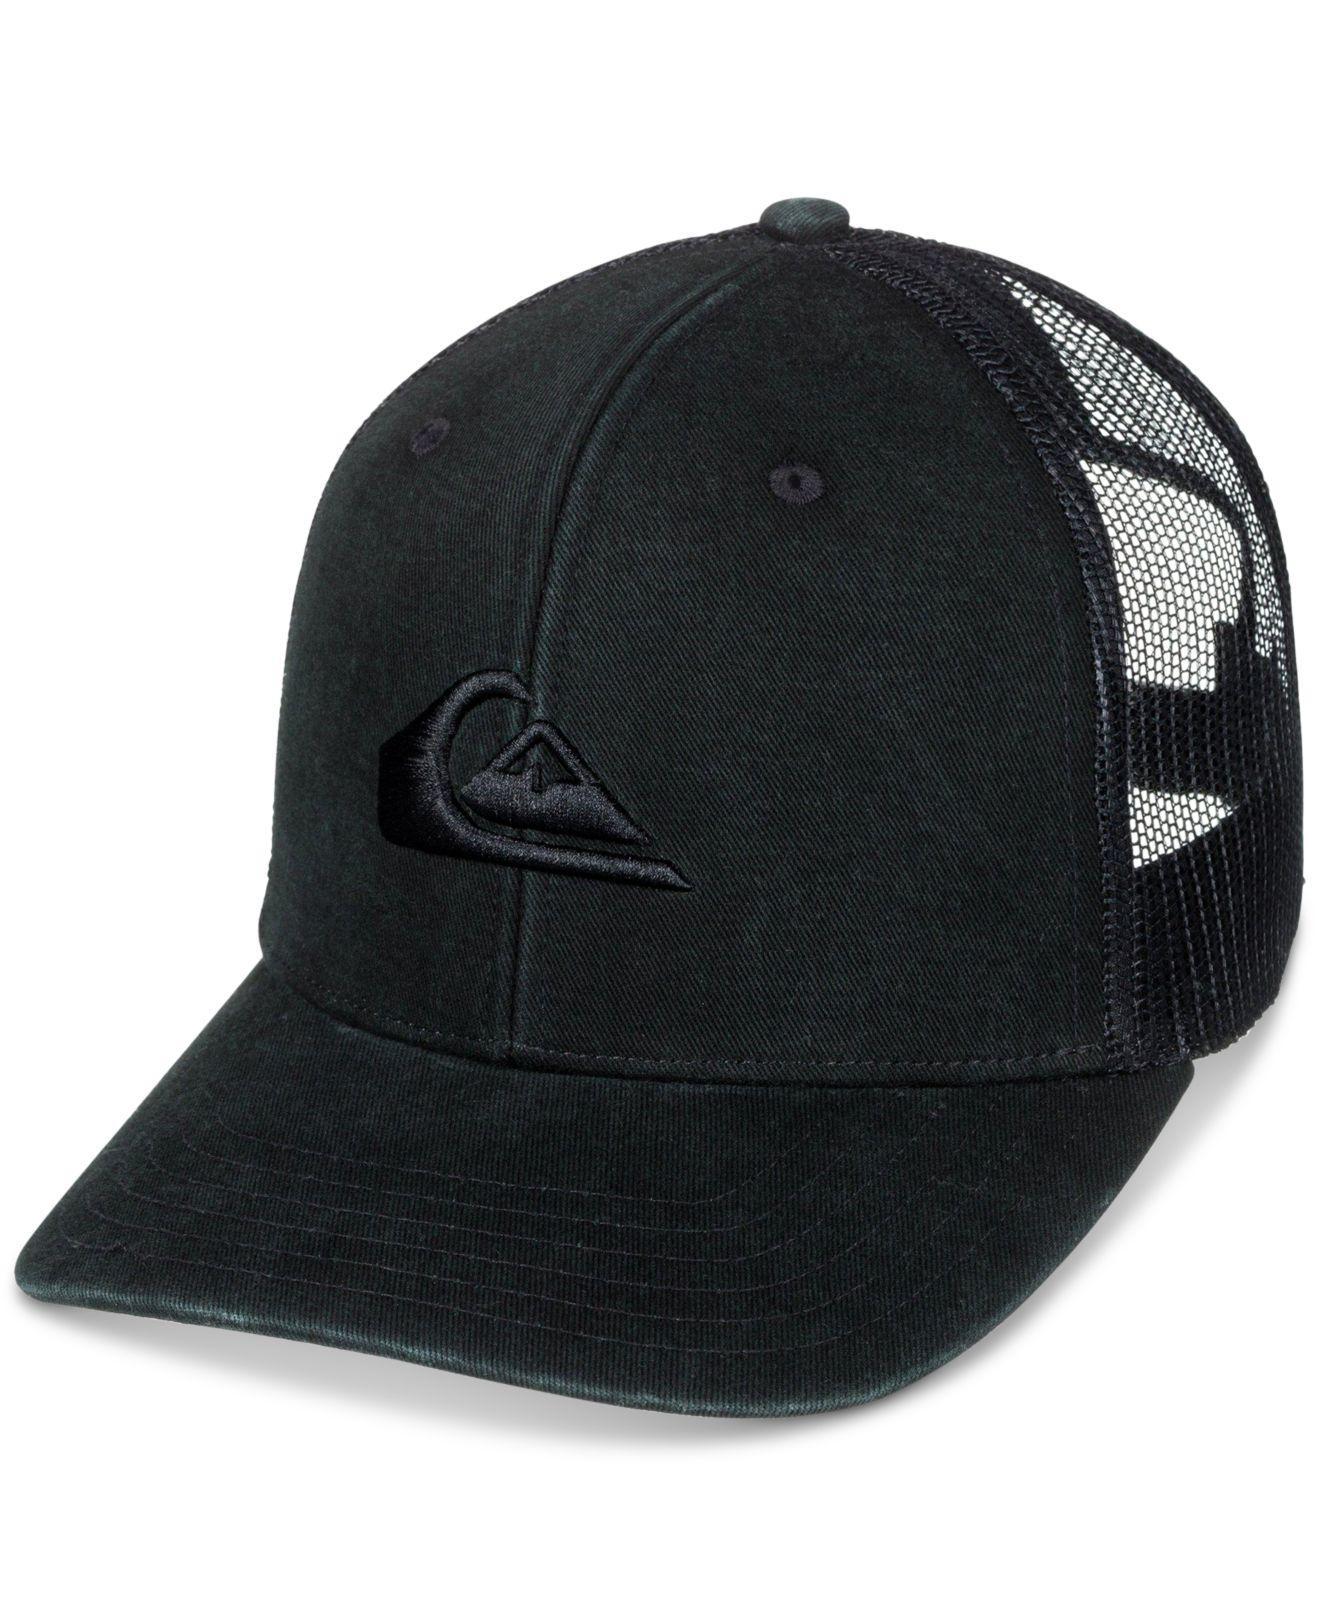 online store 8dd10 80101 Quiksilver. Men s Black Grounder Camo Snapback